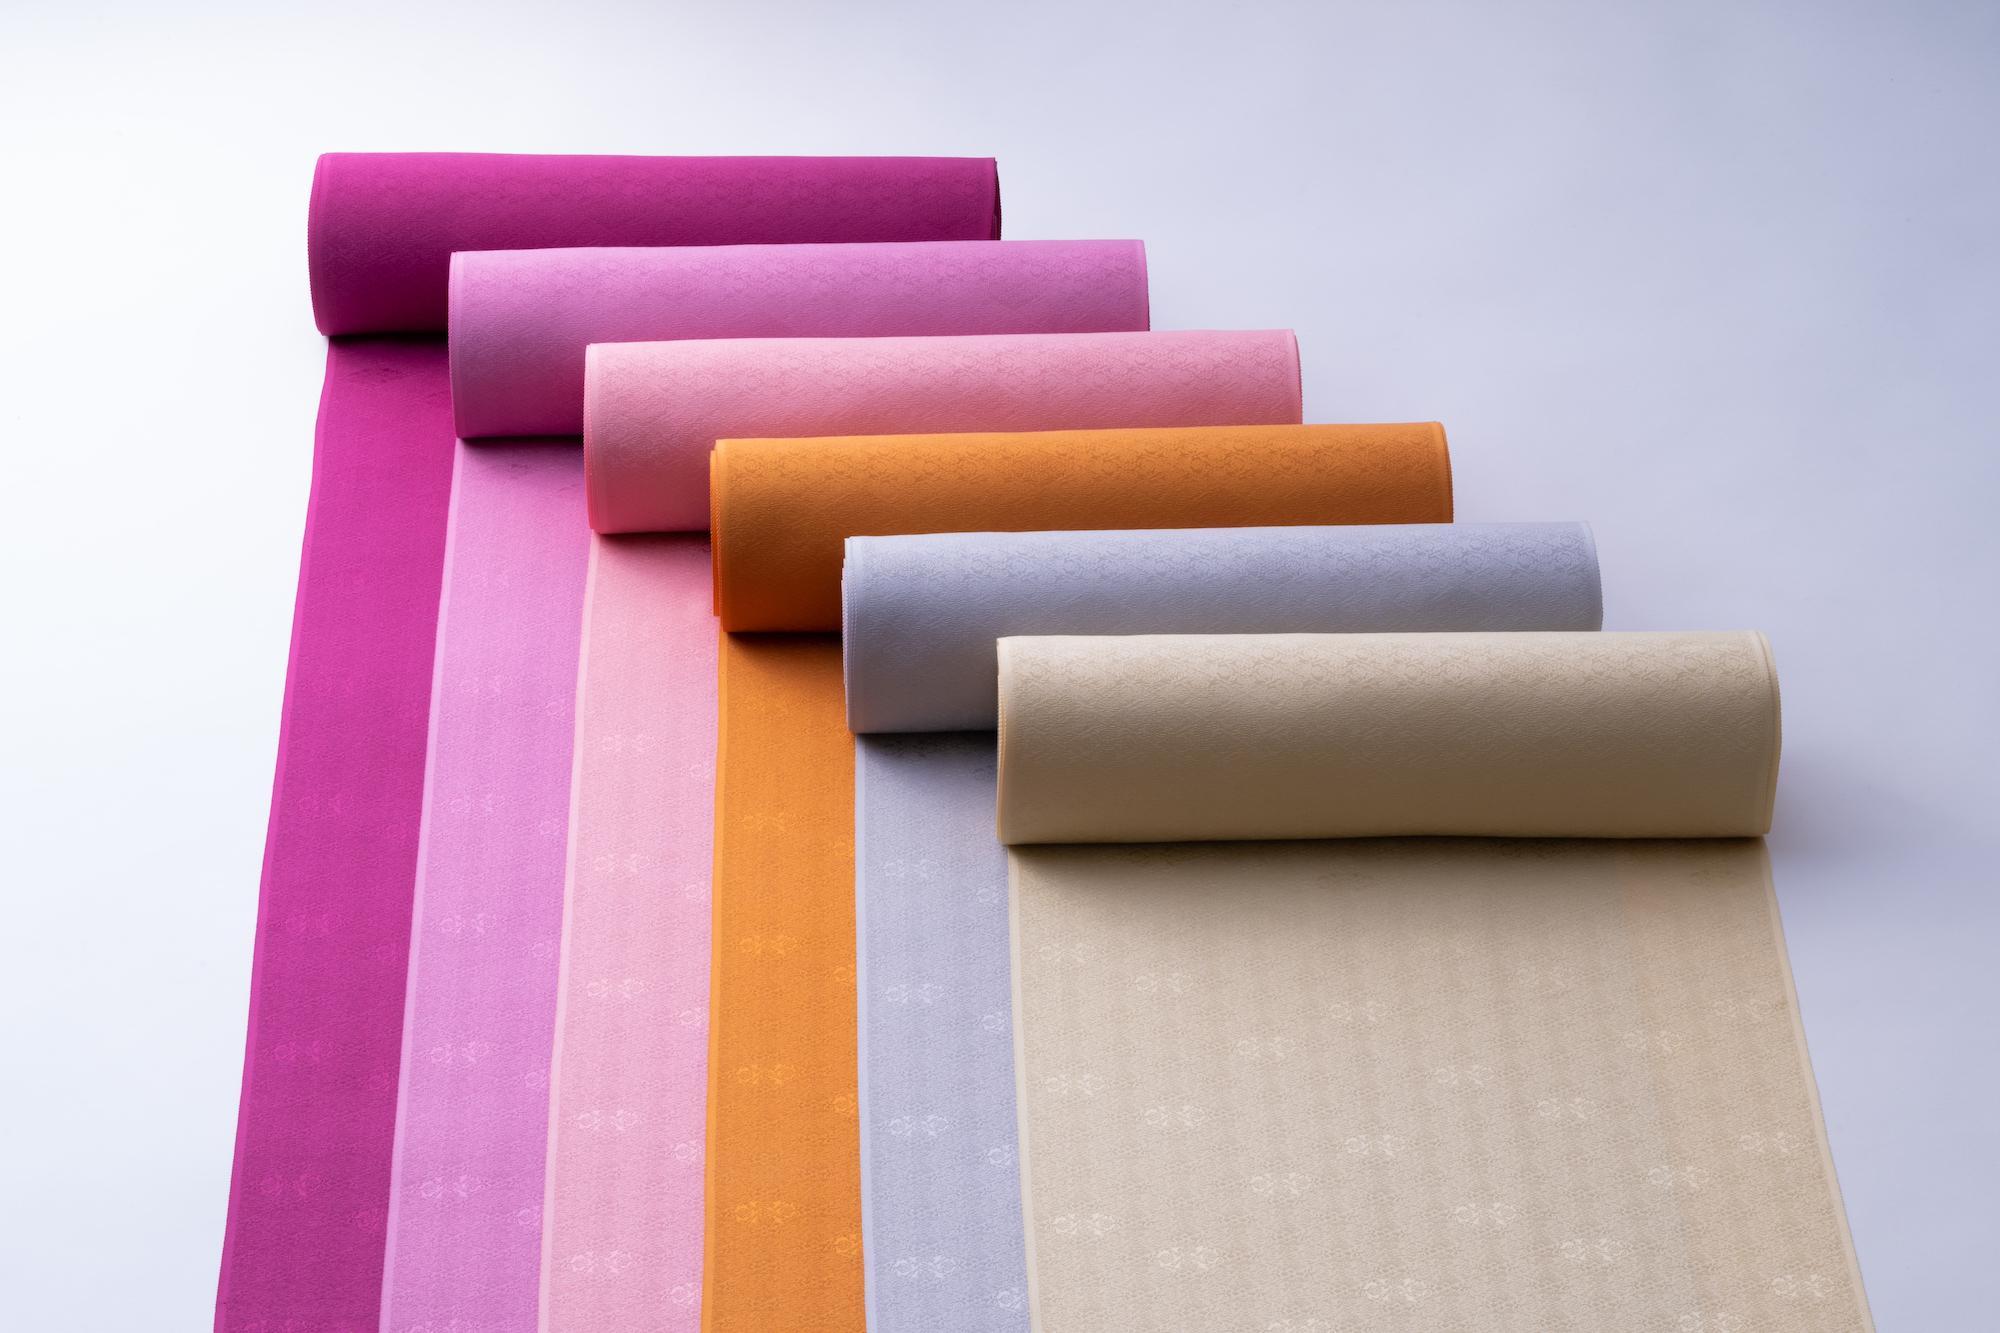 素材や技法にこだわった「草木染めの色無地」10色を、千總本店限定アイテムとして展開する。